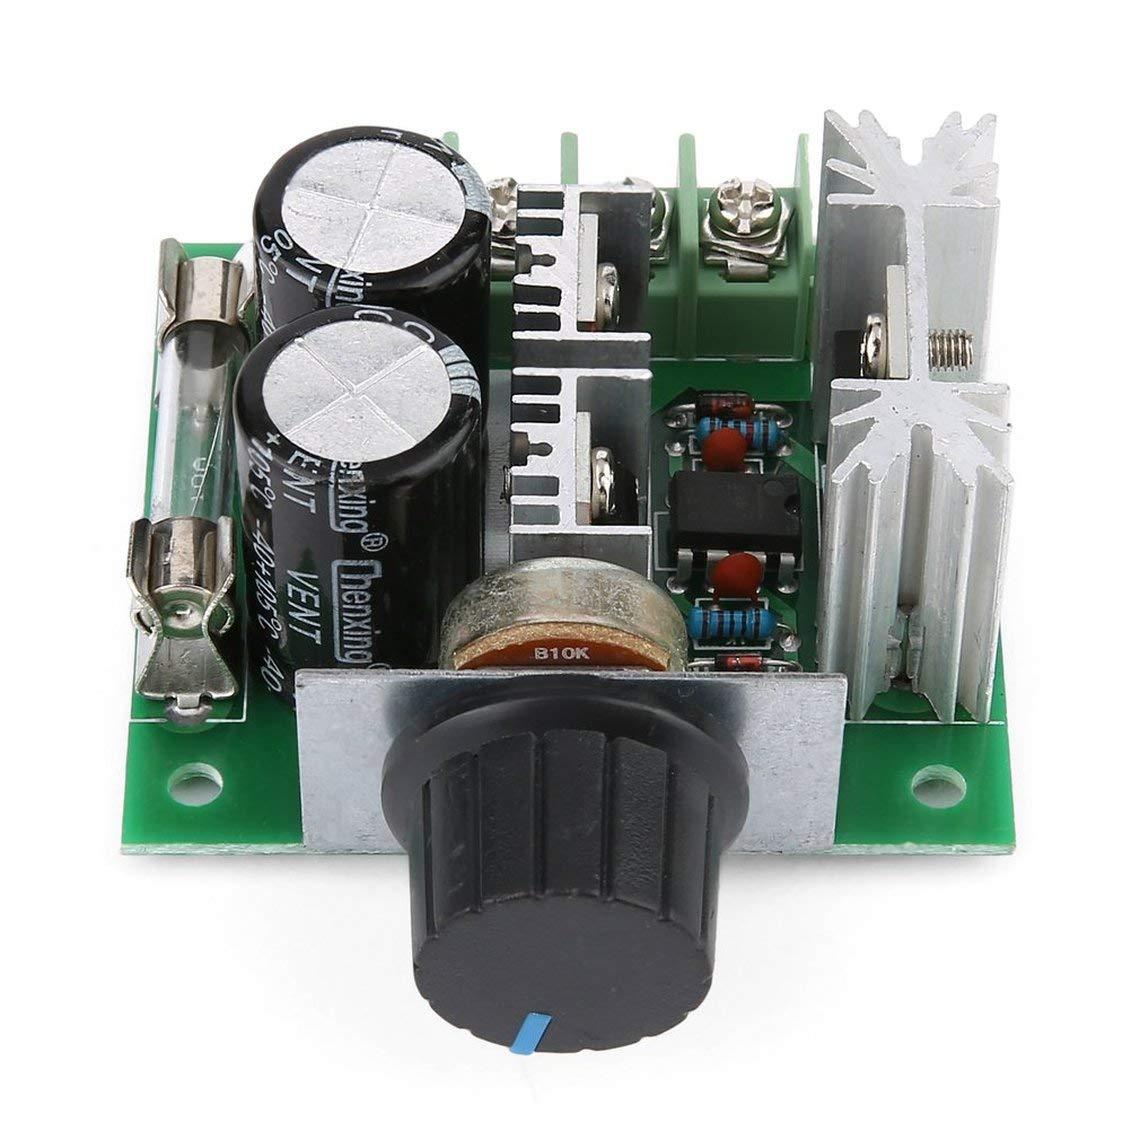 Zinniaya Universal 12V-40V 10A 13khz Modulaci/ón de ancho de pulso PWM DC Motor Regulador de velocidad Controlador Interruptor Negro